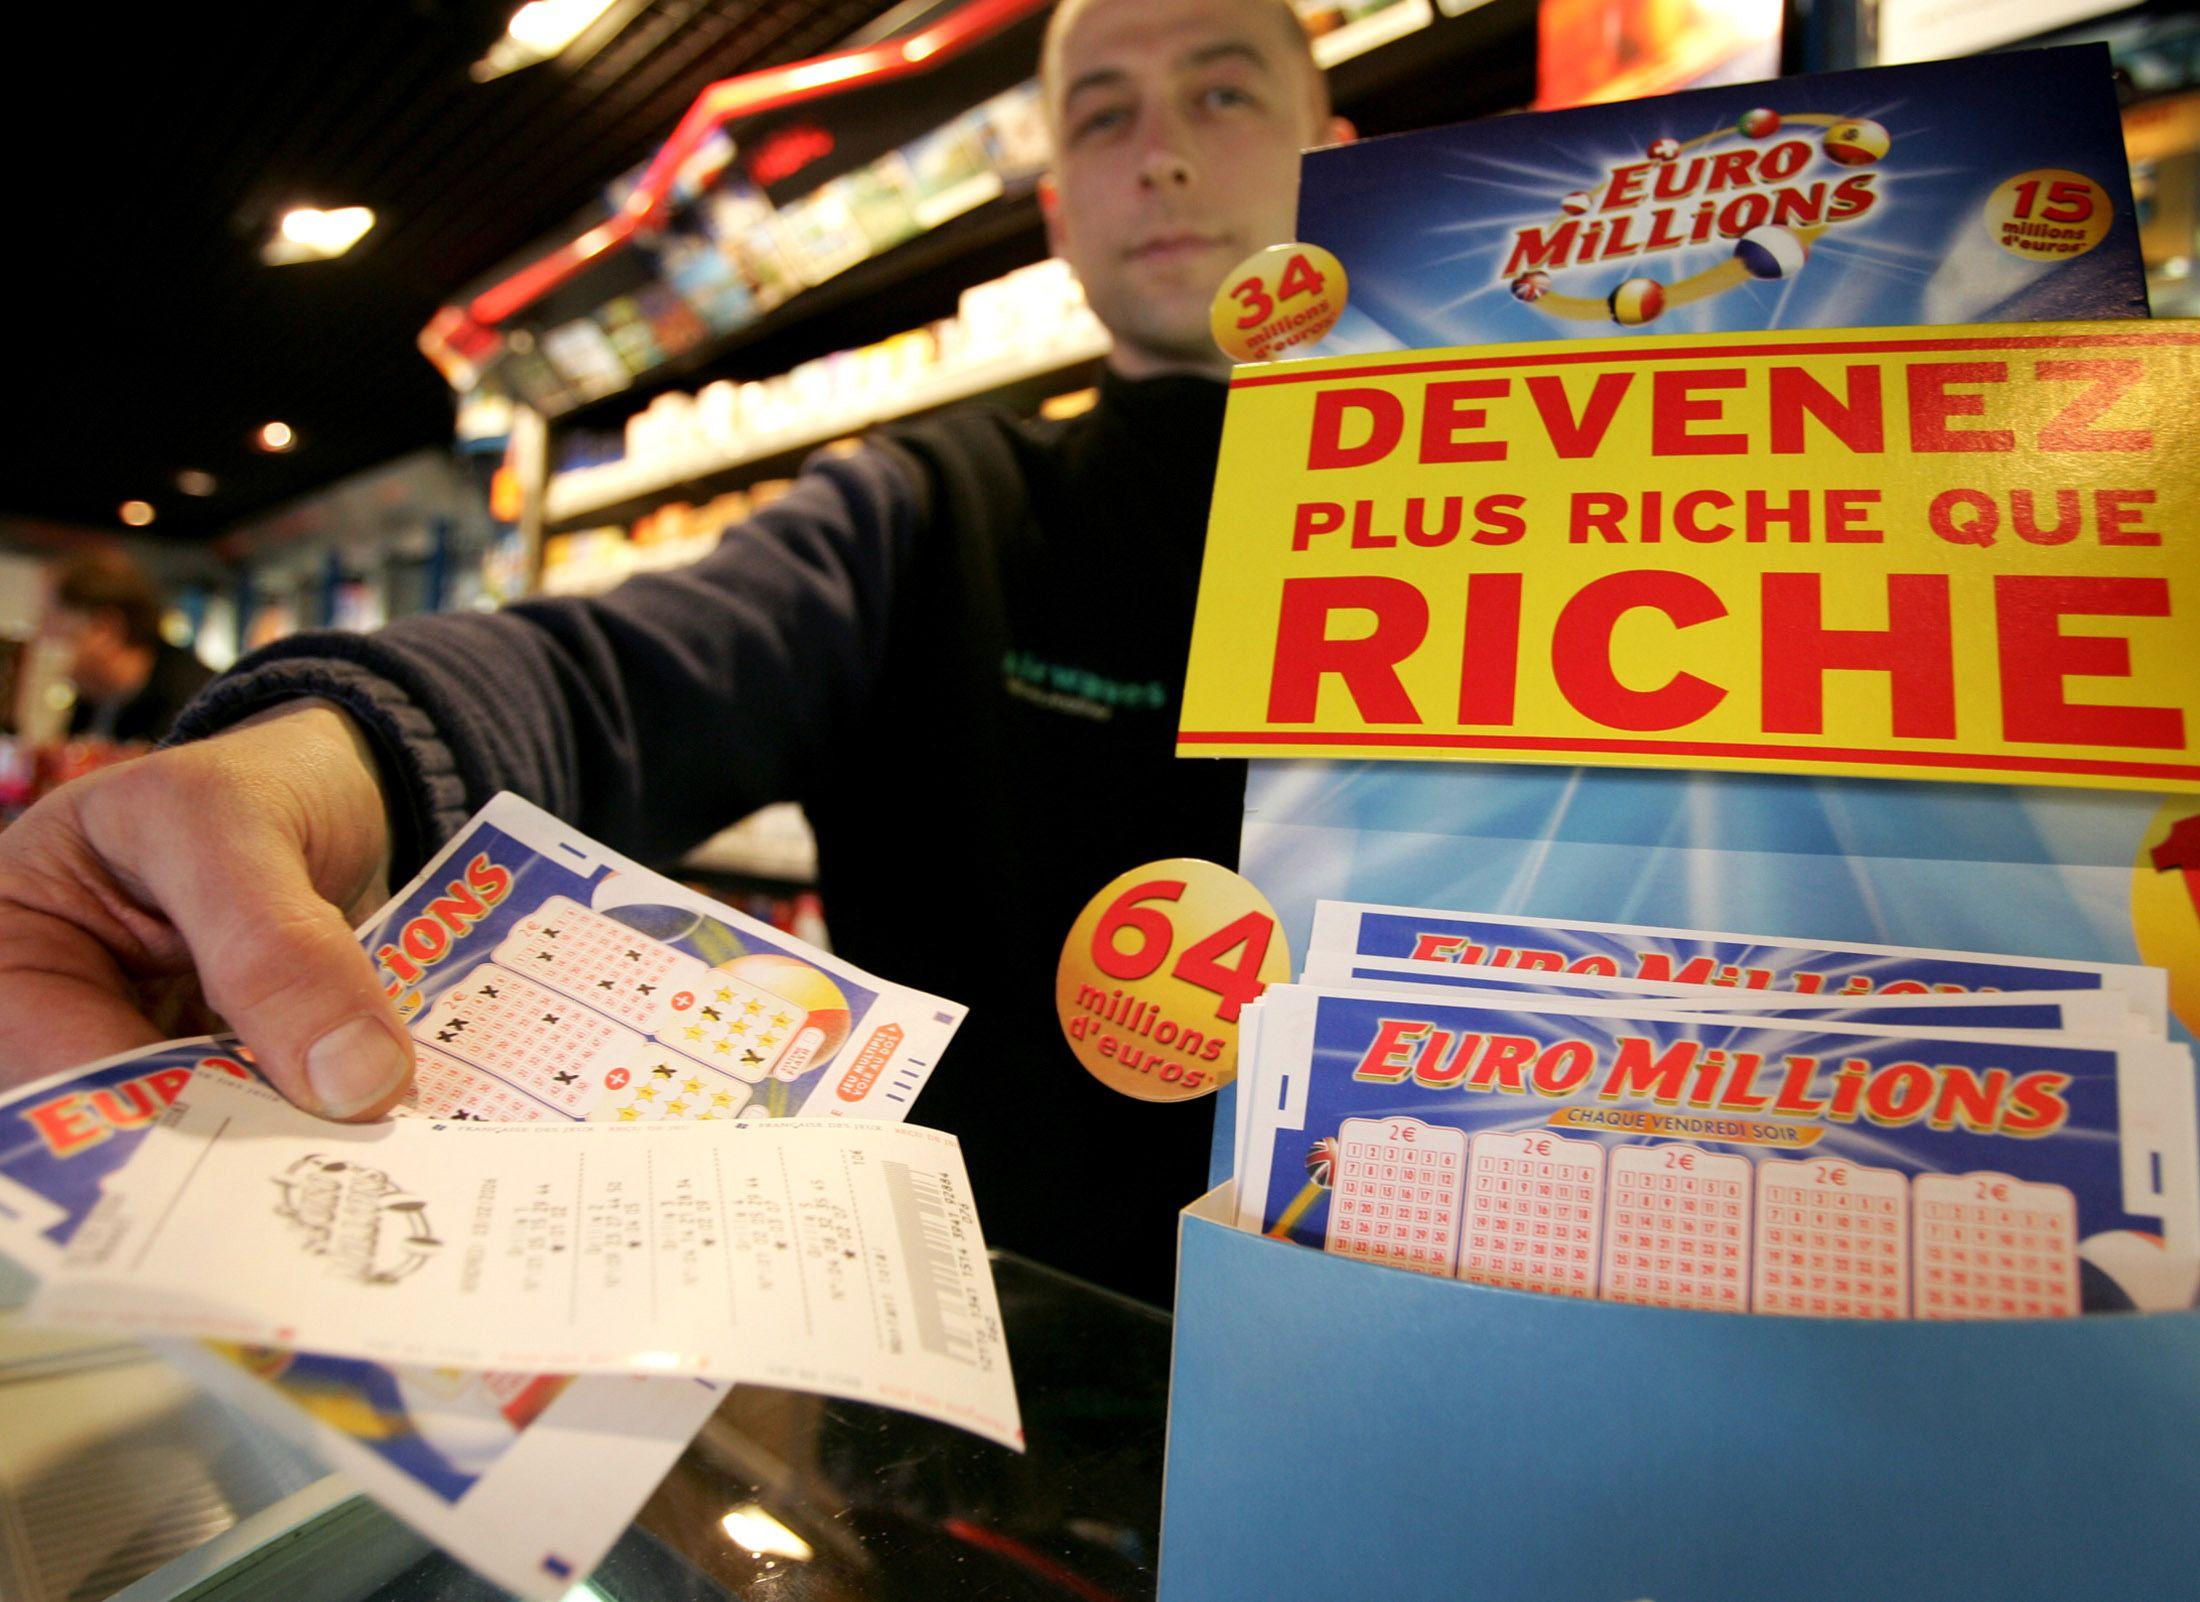 Chaque joueur dispose d'une chance sur 116 531 800 de cocher les sept bons numéros